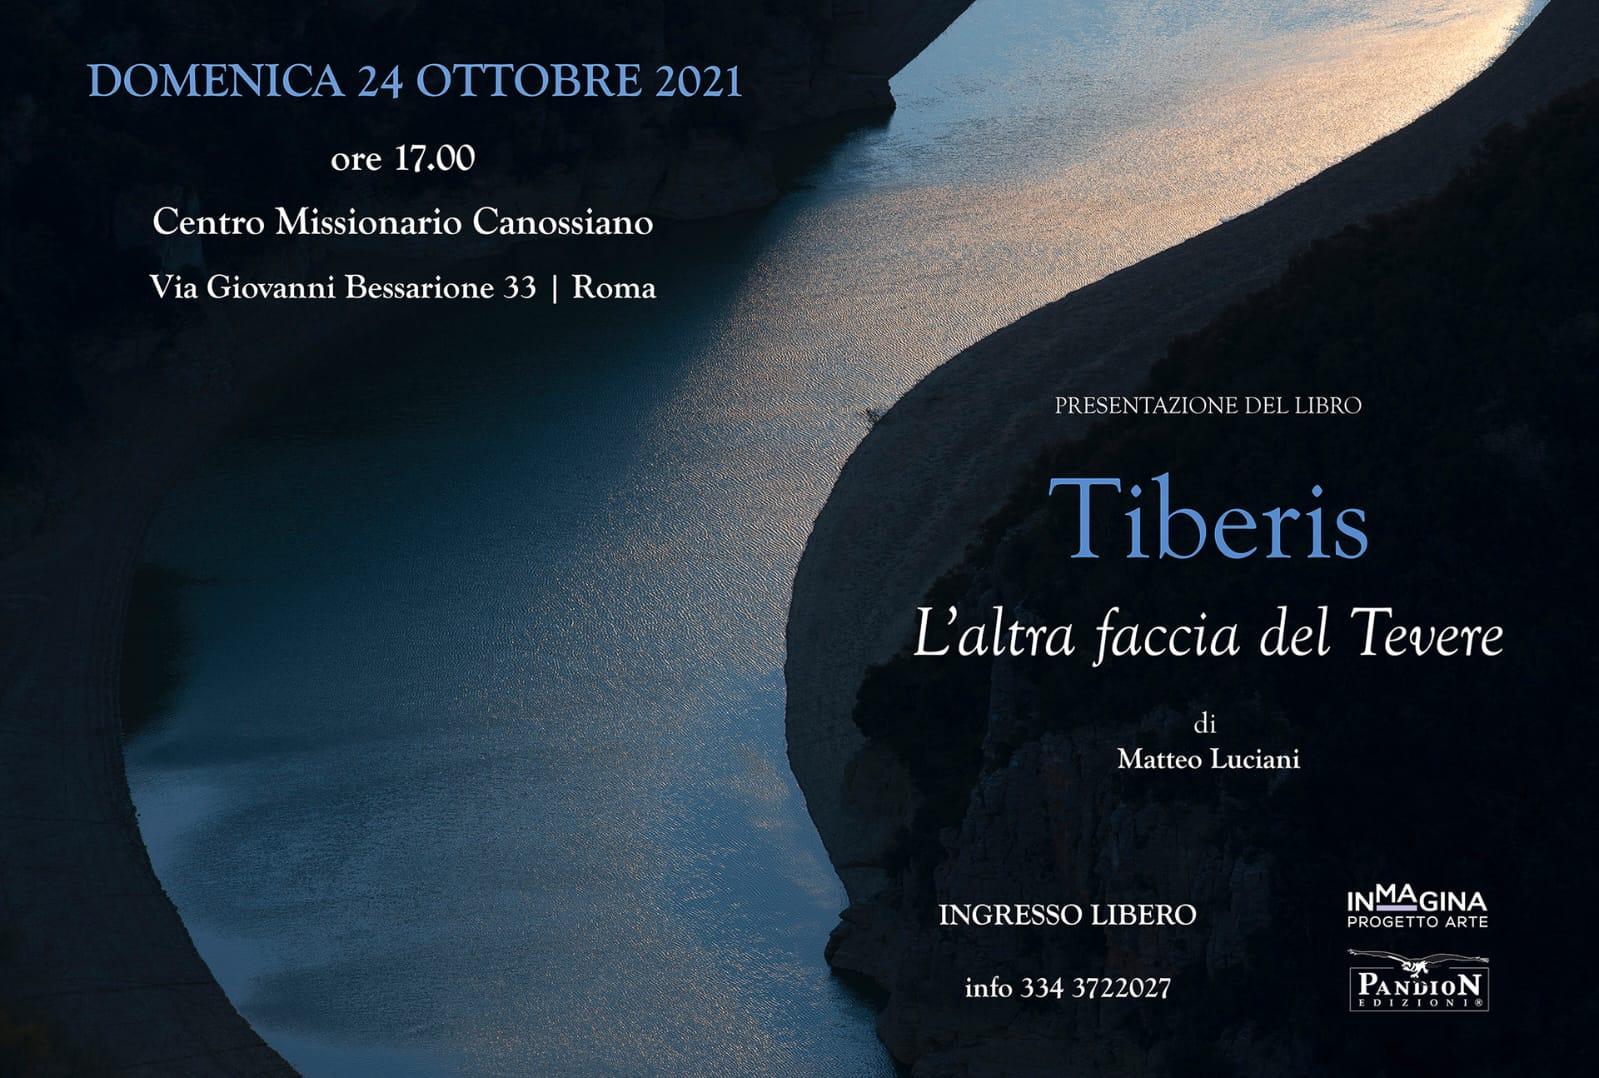 TIBERIS – L'altra faccia del Tevere di Matteo Luciani